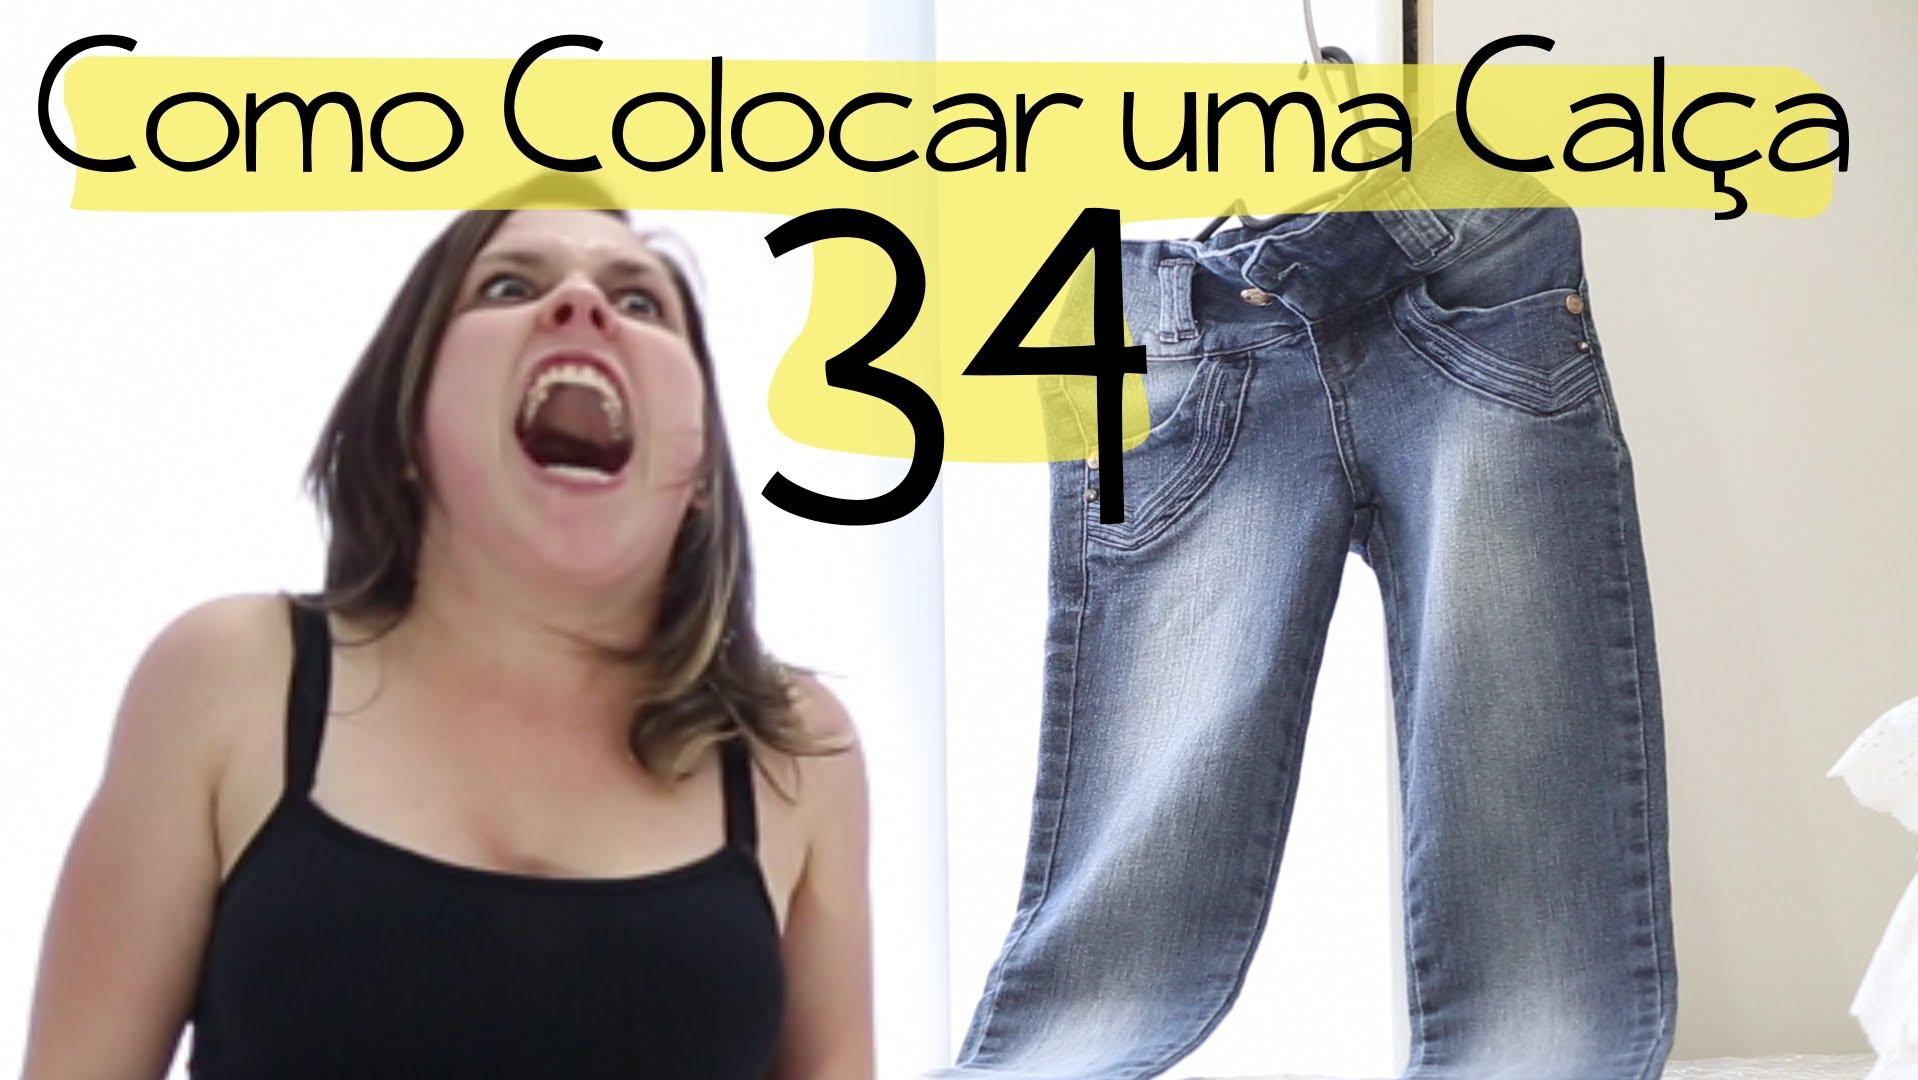 HOLČIČÍ PROBLÉM: Nešťastná holka si nemůže navlíknout kalhoty